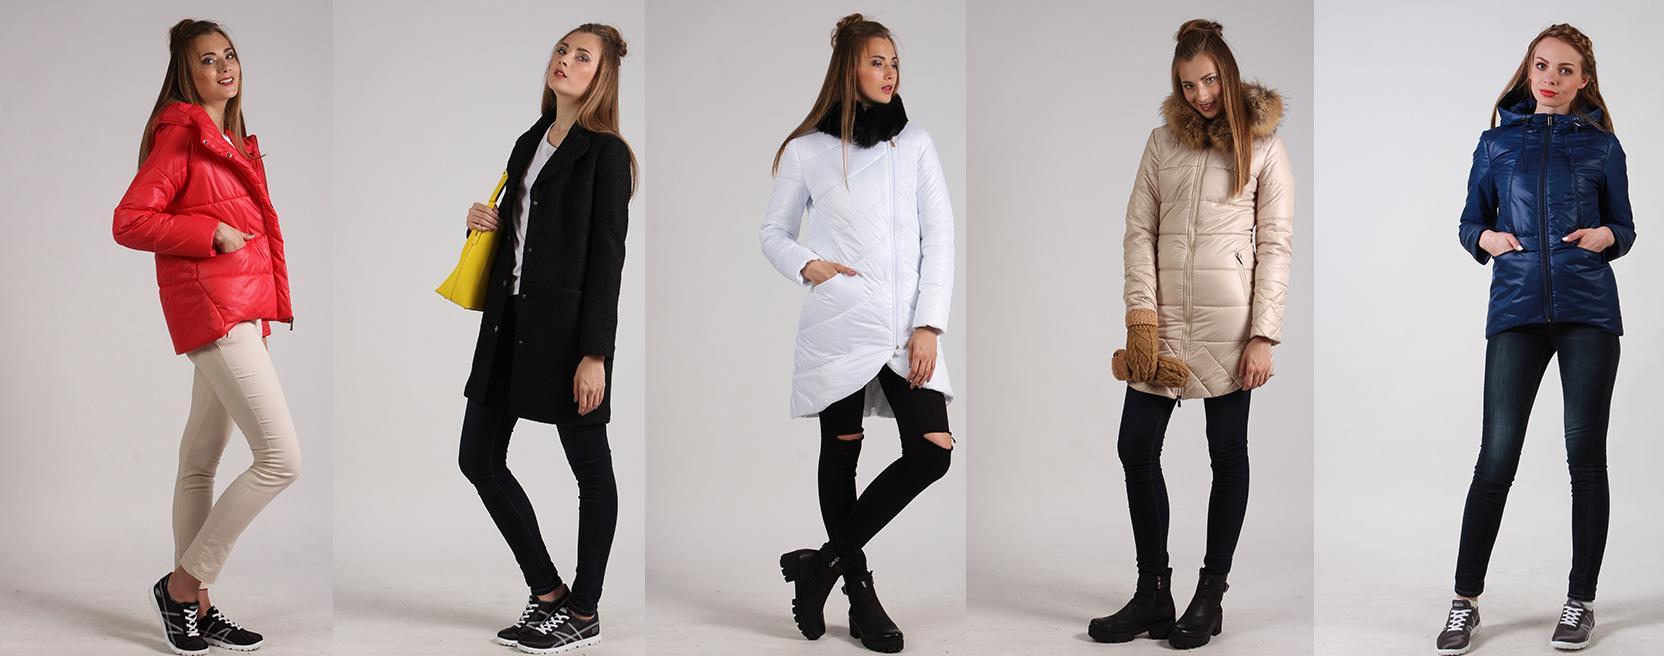 ТwinТiр - 43. Новые стильные модели осенней и зимней коллекций верхней женской одежды белорусского производителя. Пальто, куртки, парки, плащи, ветровки. А так же распродажа весенней коллекции. Большой выбор!Без рядов!